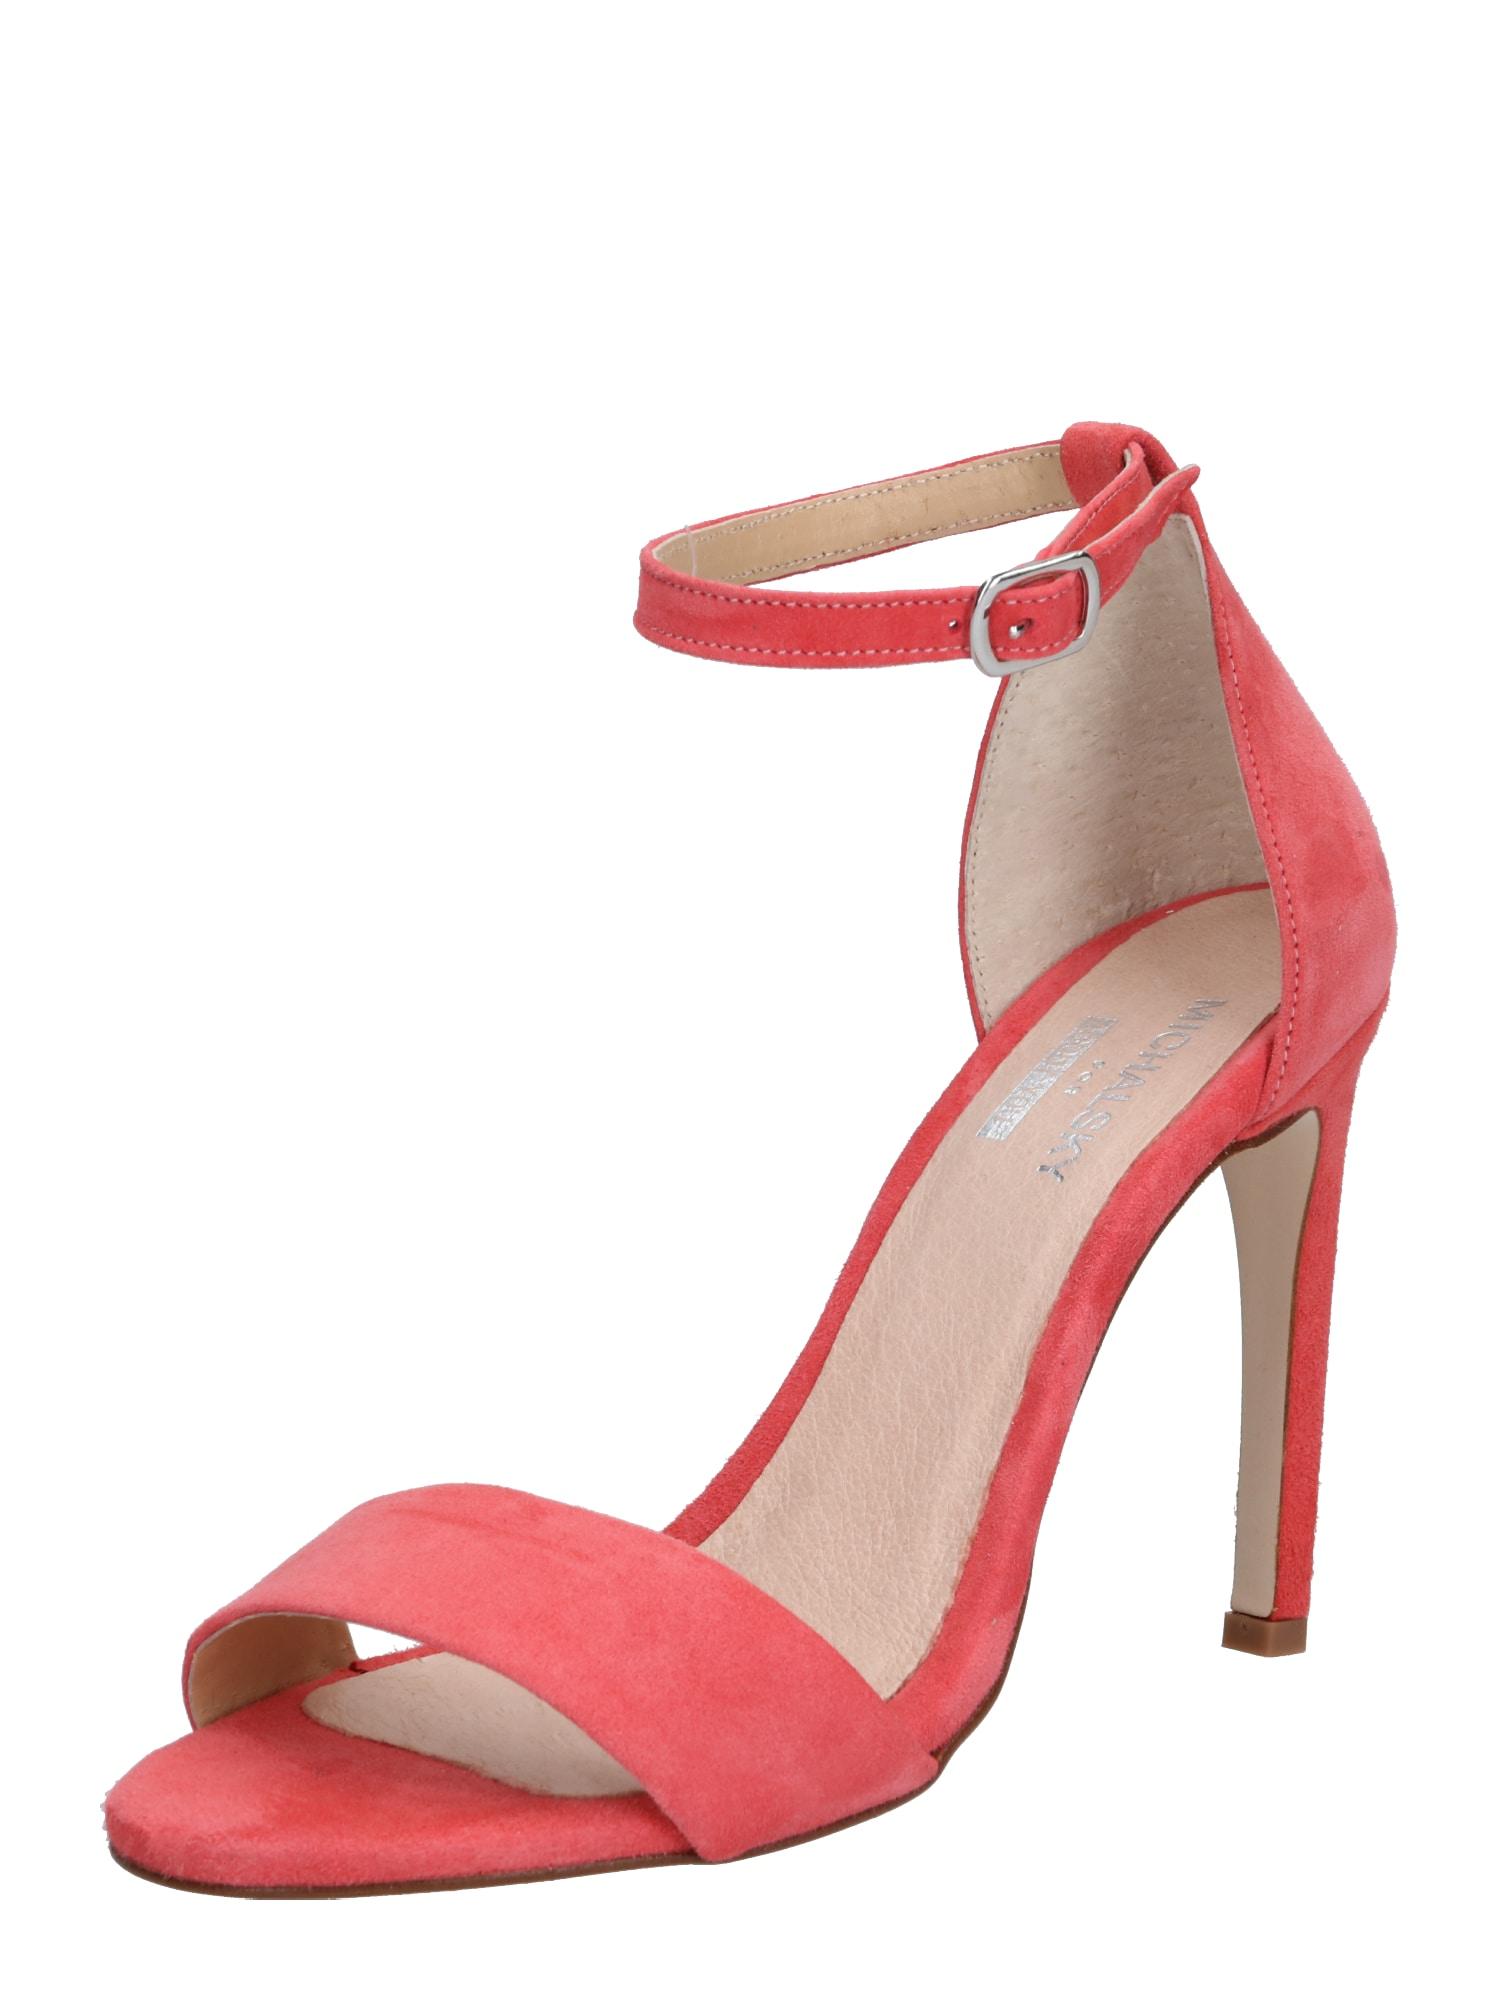 Páskové sandály Holly sandal korálová MICHALSKY FOR ABOUT YOU